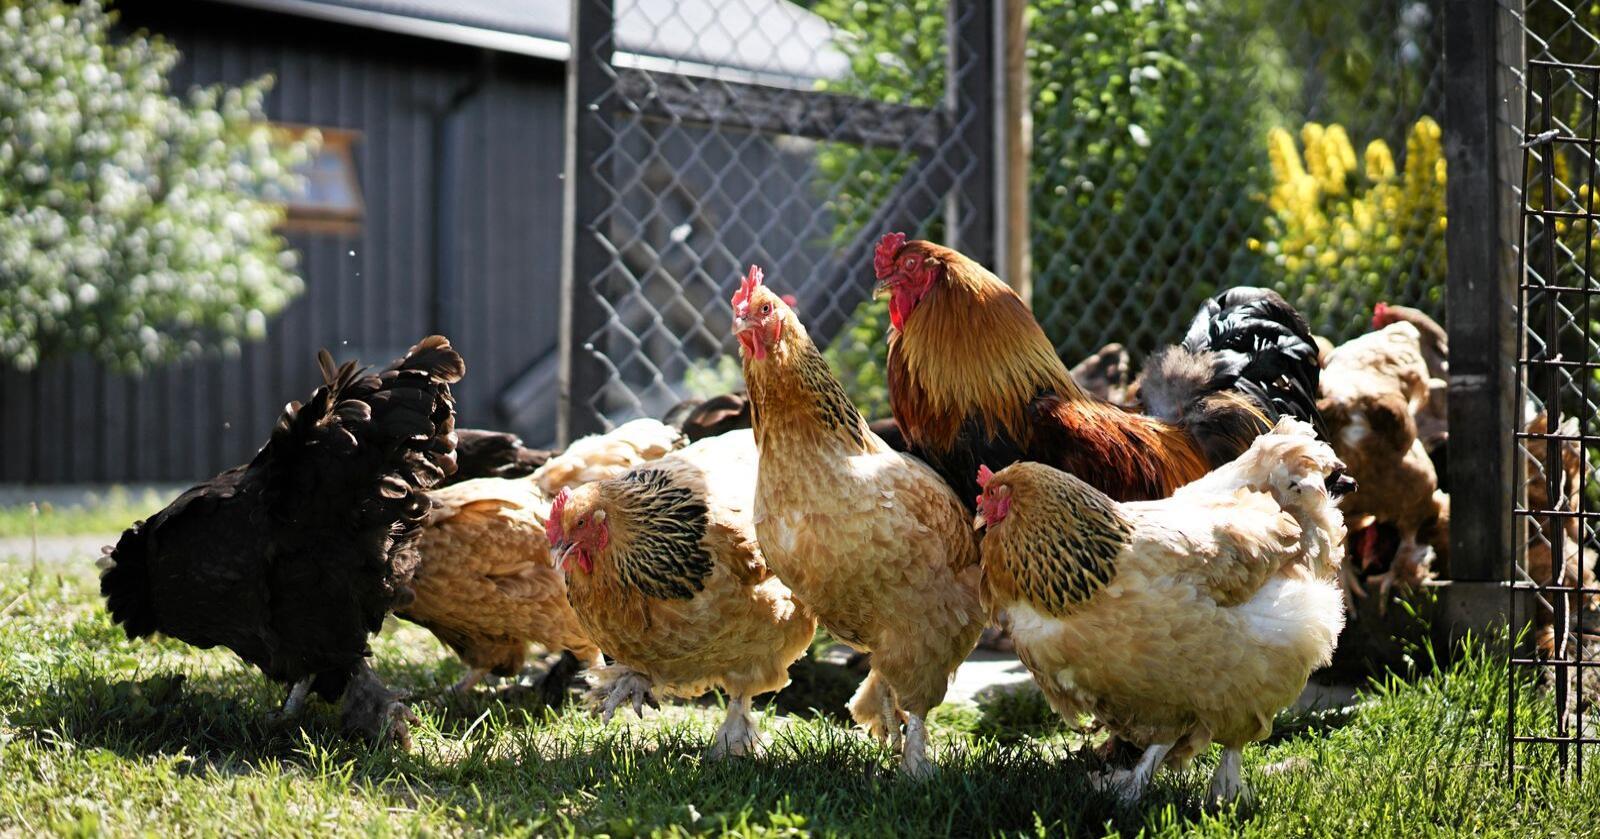 Dyrevernalliansen har i årevis vore «verst i klassen», når det gjeld å lura forbrukarane i forhold til dyrevenleg eggproduksjon, skriv Lars Sigmundstad. Foto: Benjamin Hernes Vogl